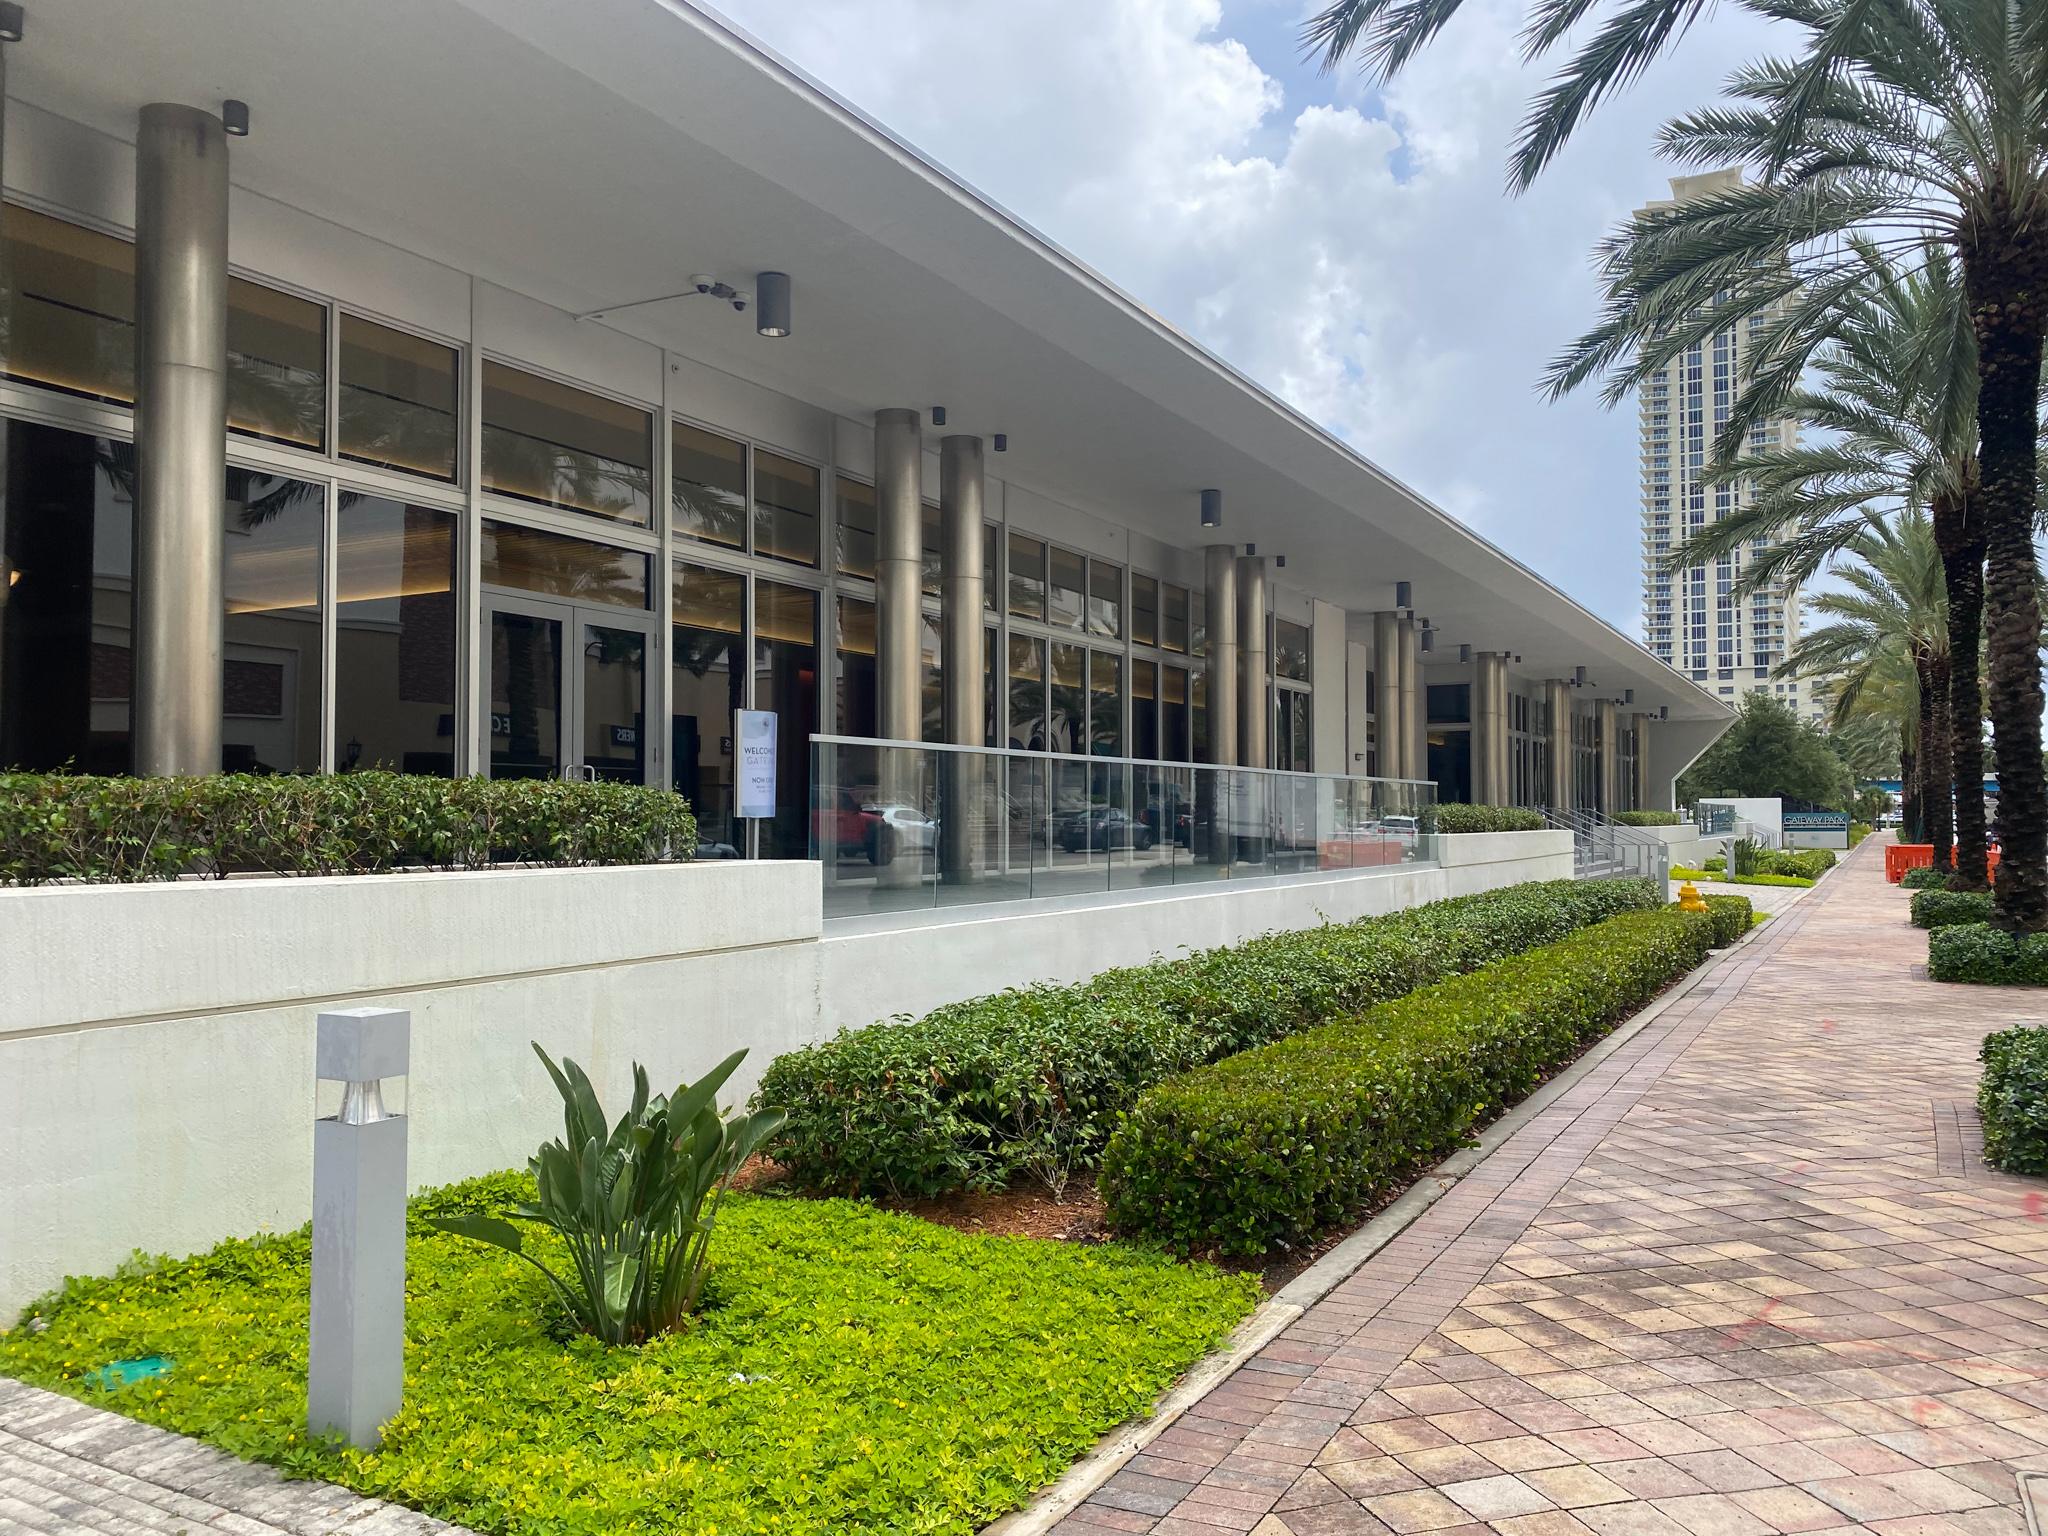 Exterior of Gateway Center from sidewalk